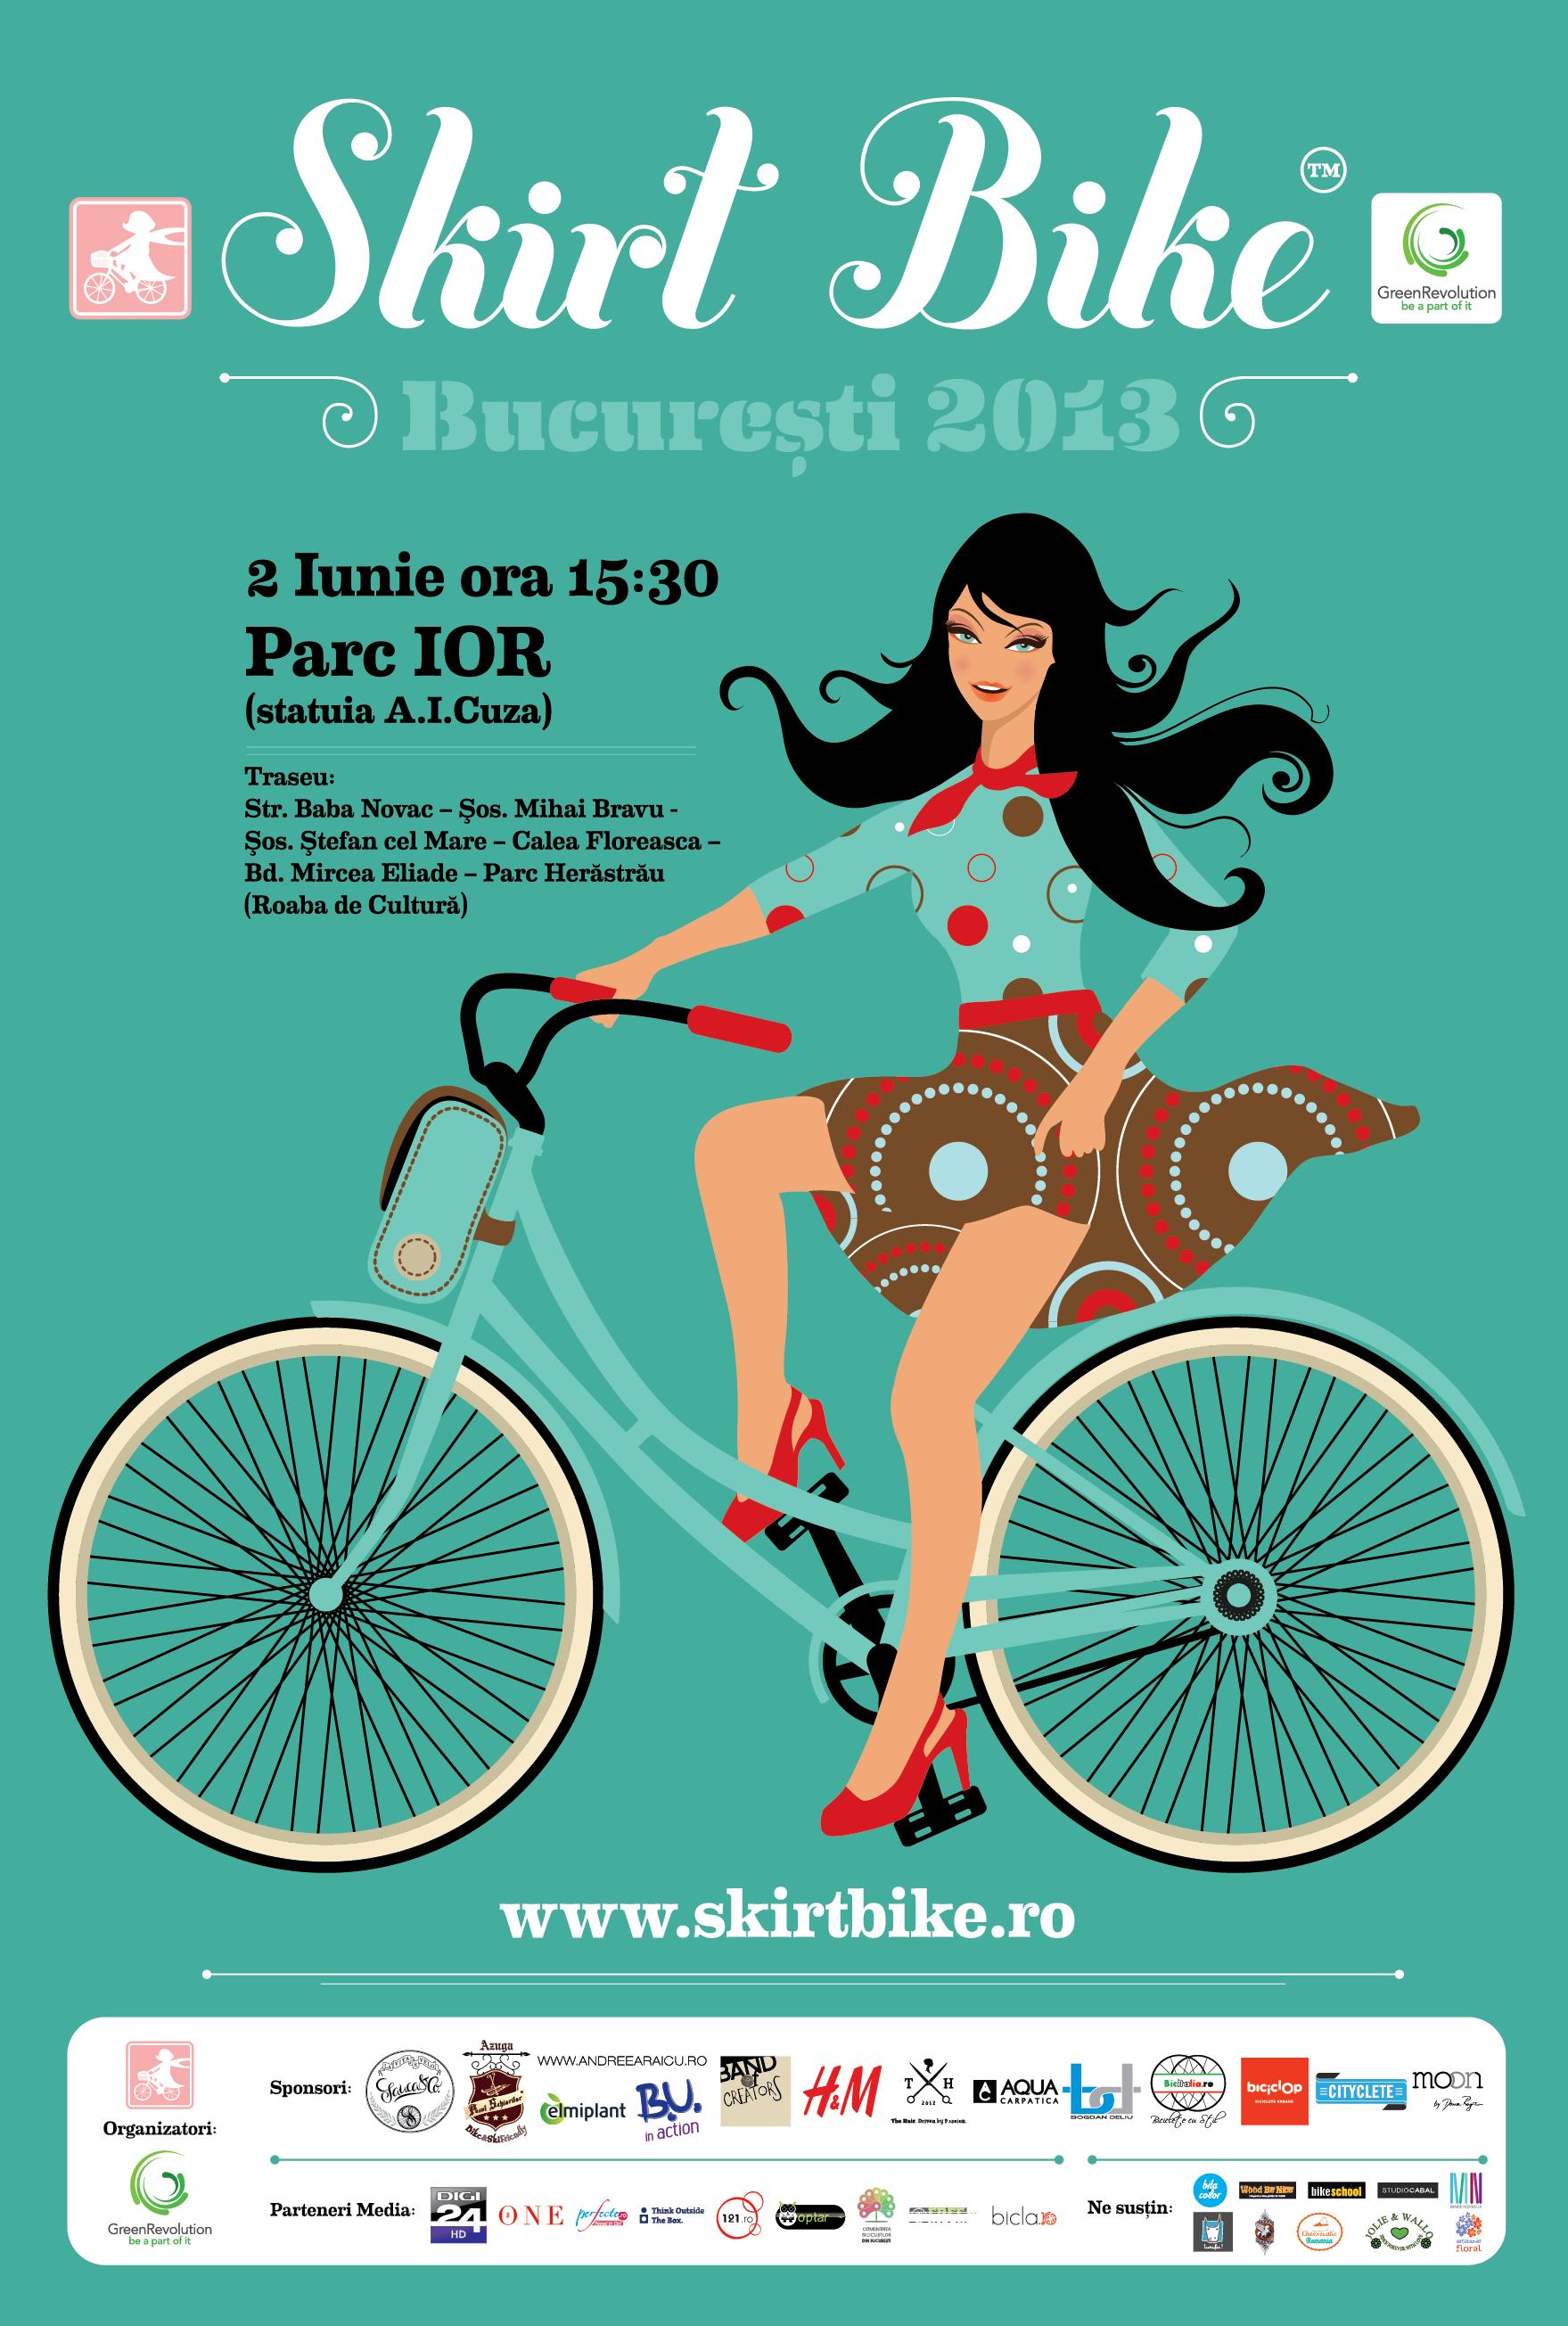 afis-SkirtBike-2013-final